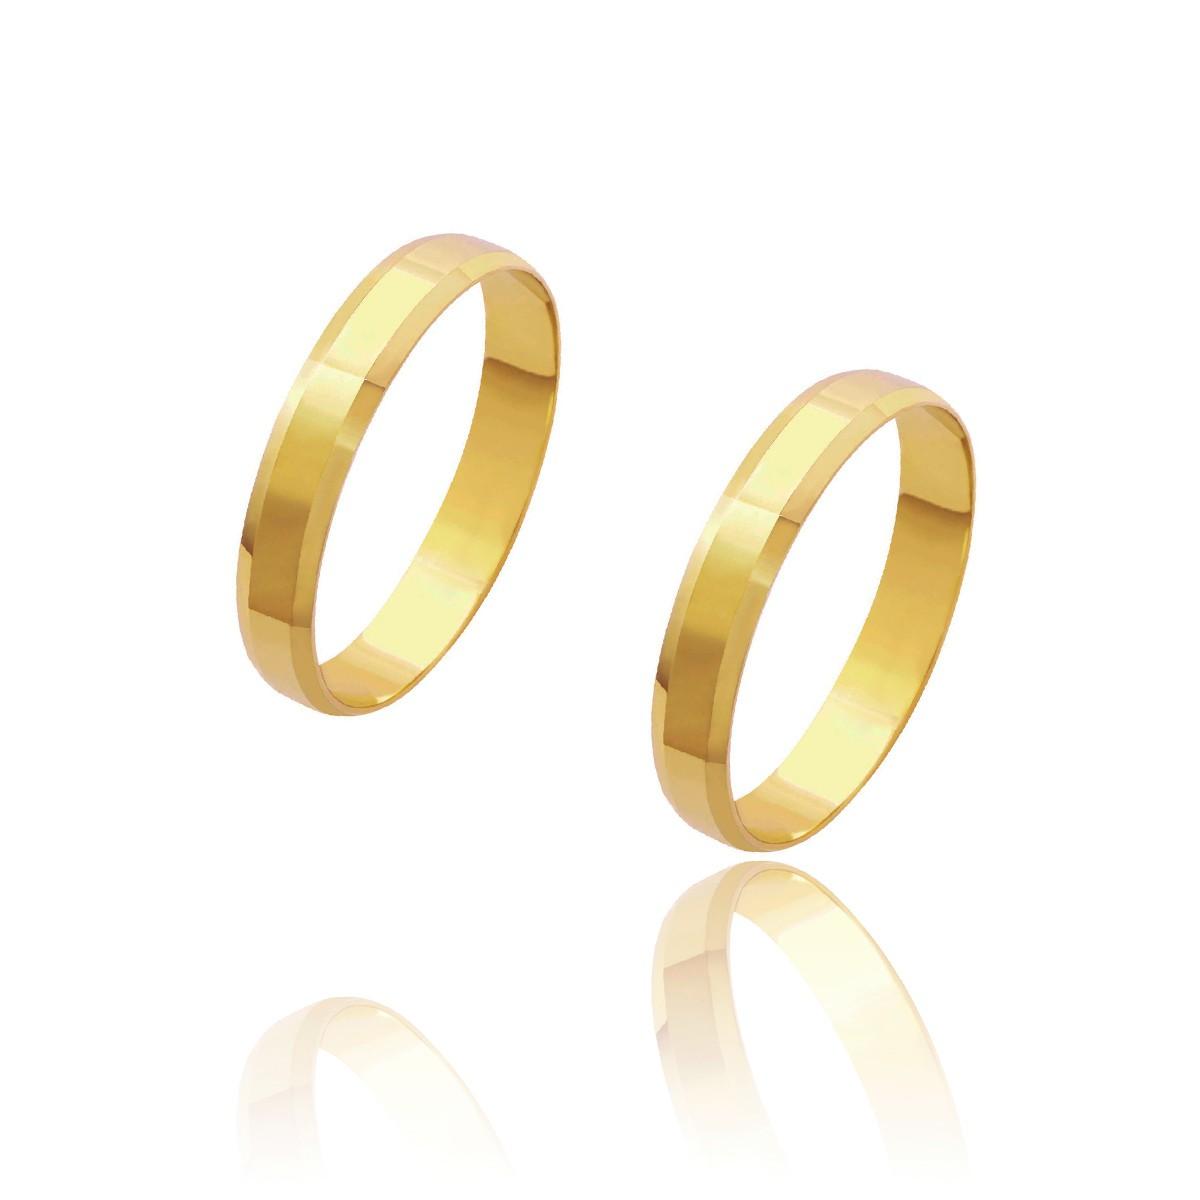 Par de Alianças de Casamento Cronos Ouro 18k com Laterais Chanfradas 3,5mm 3,2g